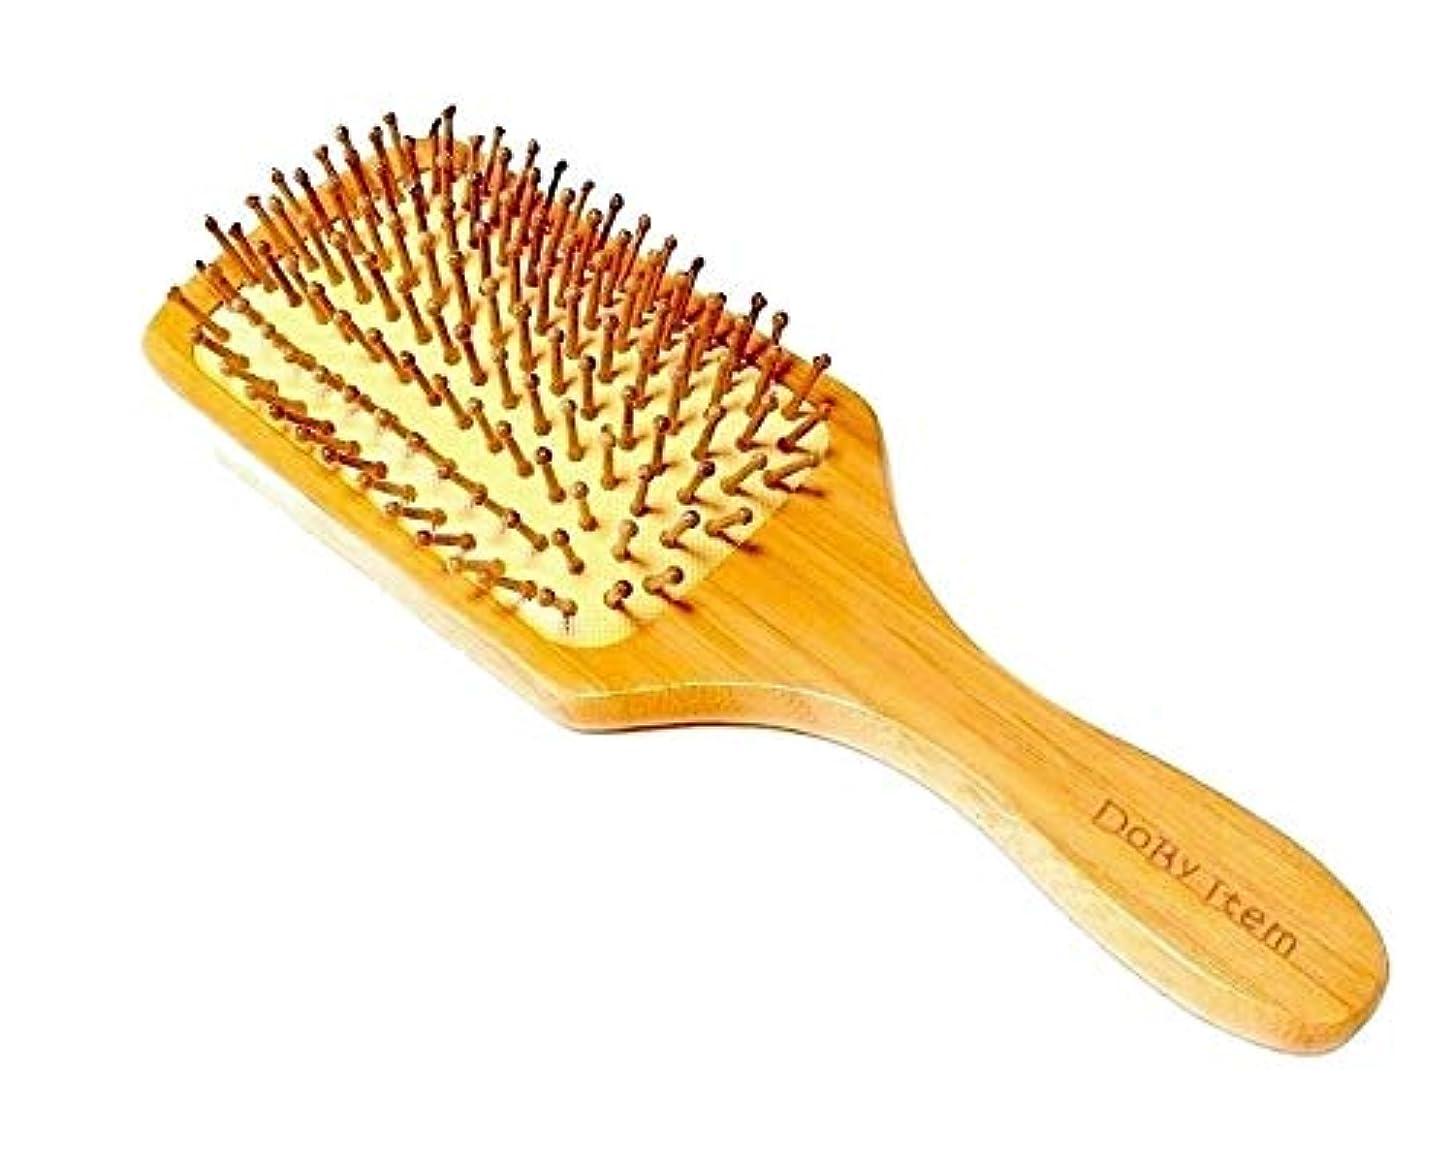 超えるバイアスメガロポリスDobyitem 木製 ヘアブラシ パドル ブラシ 頭皮マッサージ 美髪効果 (大きめブラシ&クリーナー、専用巾着、交換ピン、取説保証書5点セット)